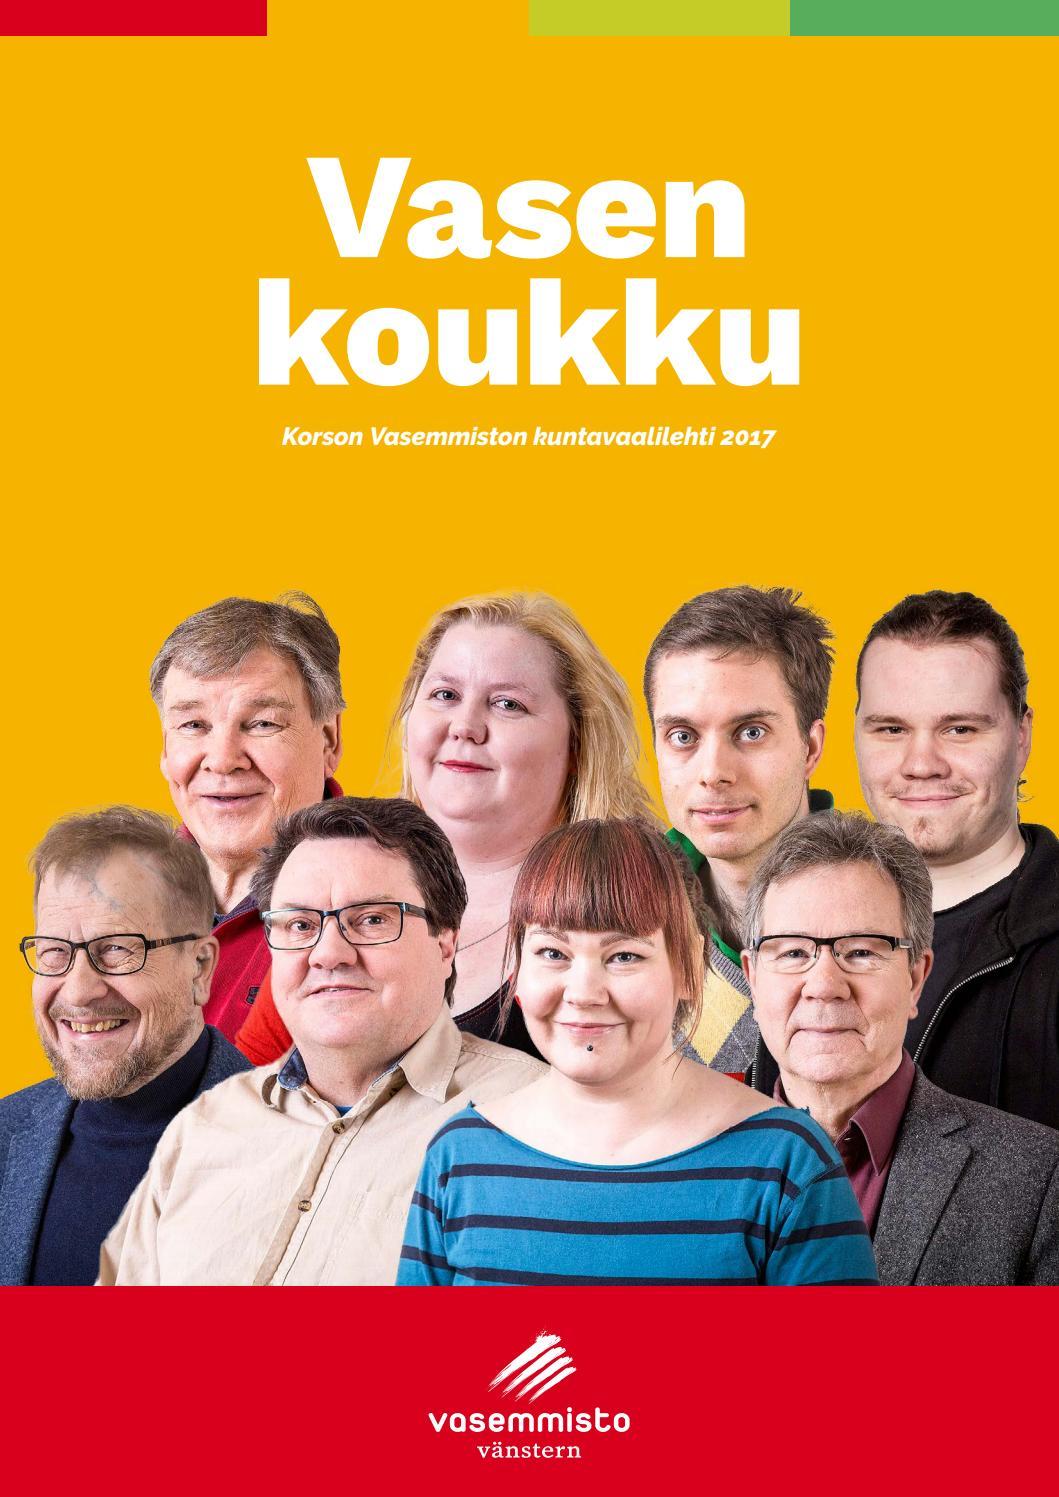 Jyväskyläläinen opiskelija Jenna Polvi, 26, ja kuopiolainen talotekniikaninsinööri.